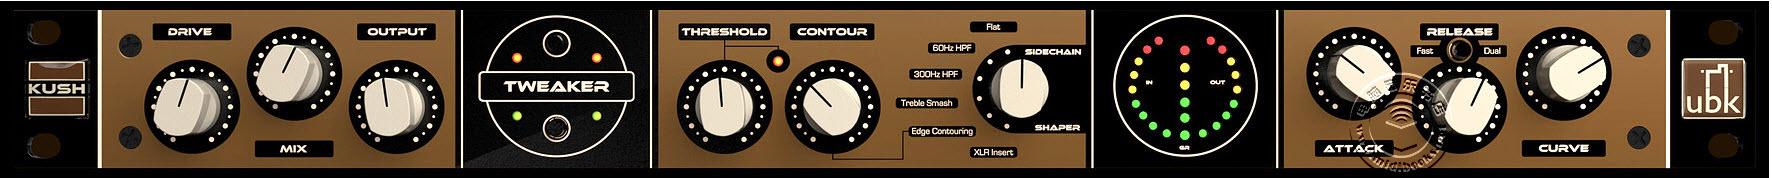 【2014年AES展会新闻】Kush Audio发布VCA压缩器(视频)